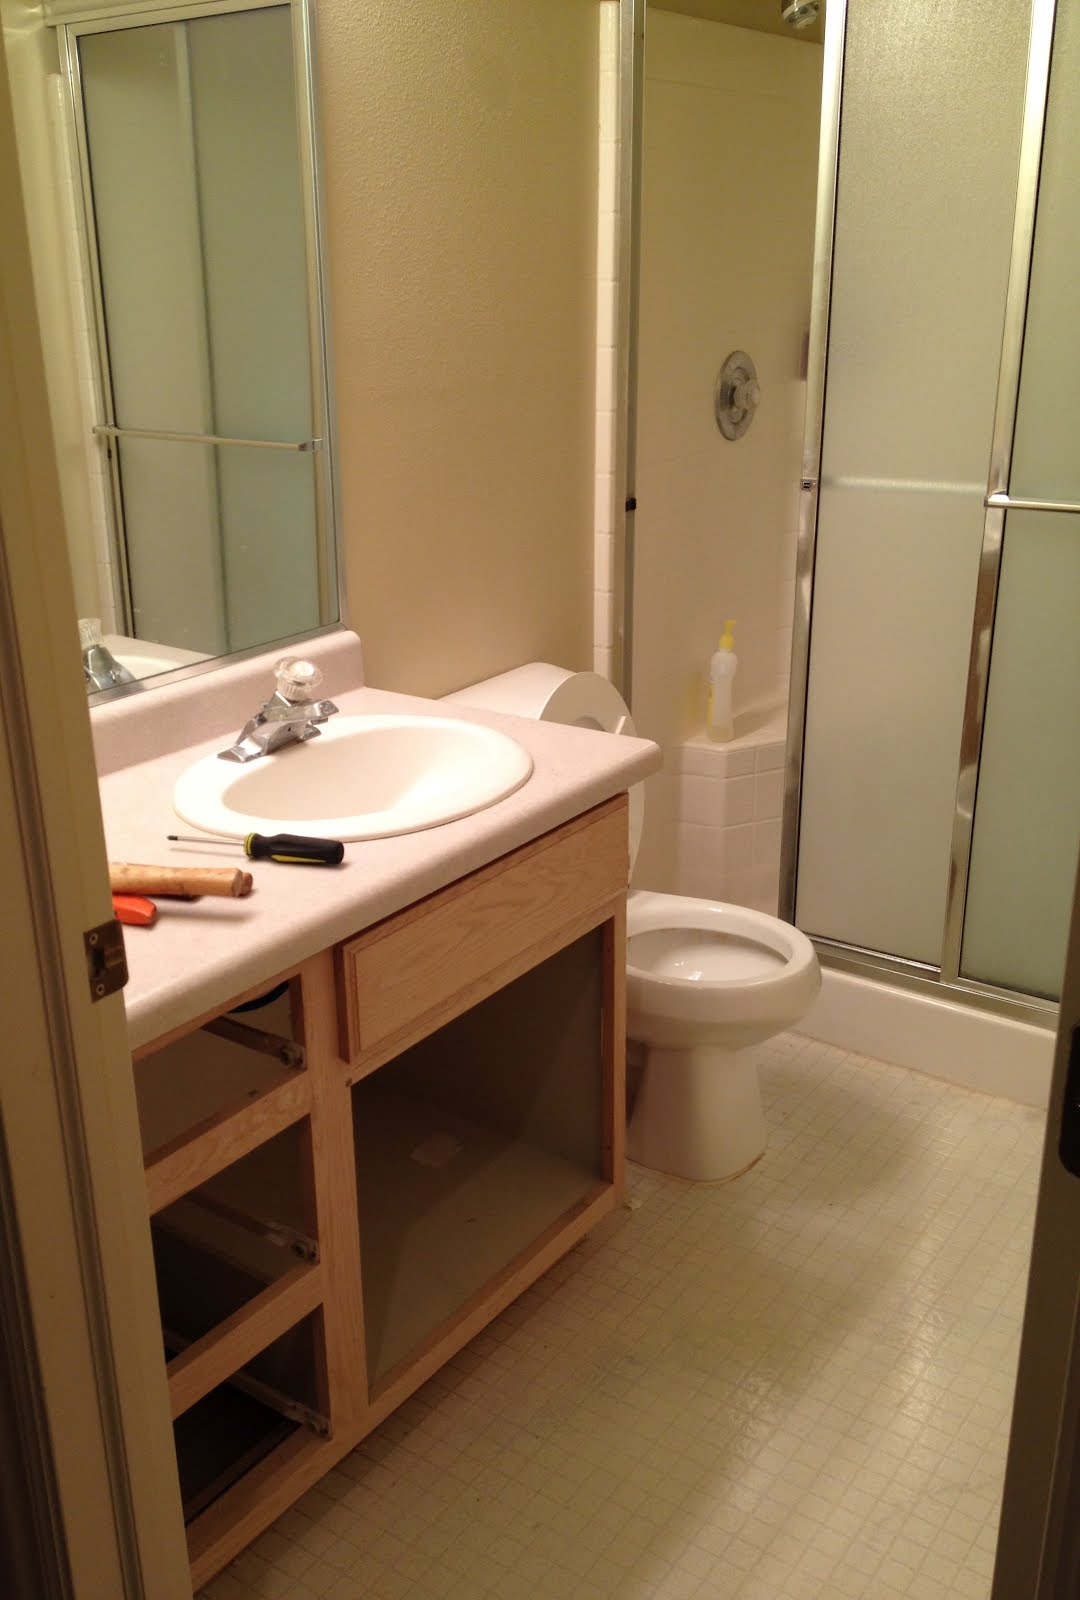 Garage sales r us surprise bathroom reno for Bathrooms r us clayton